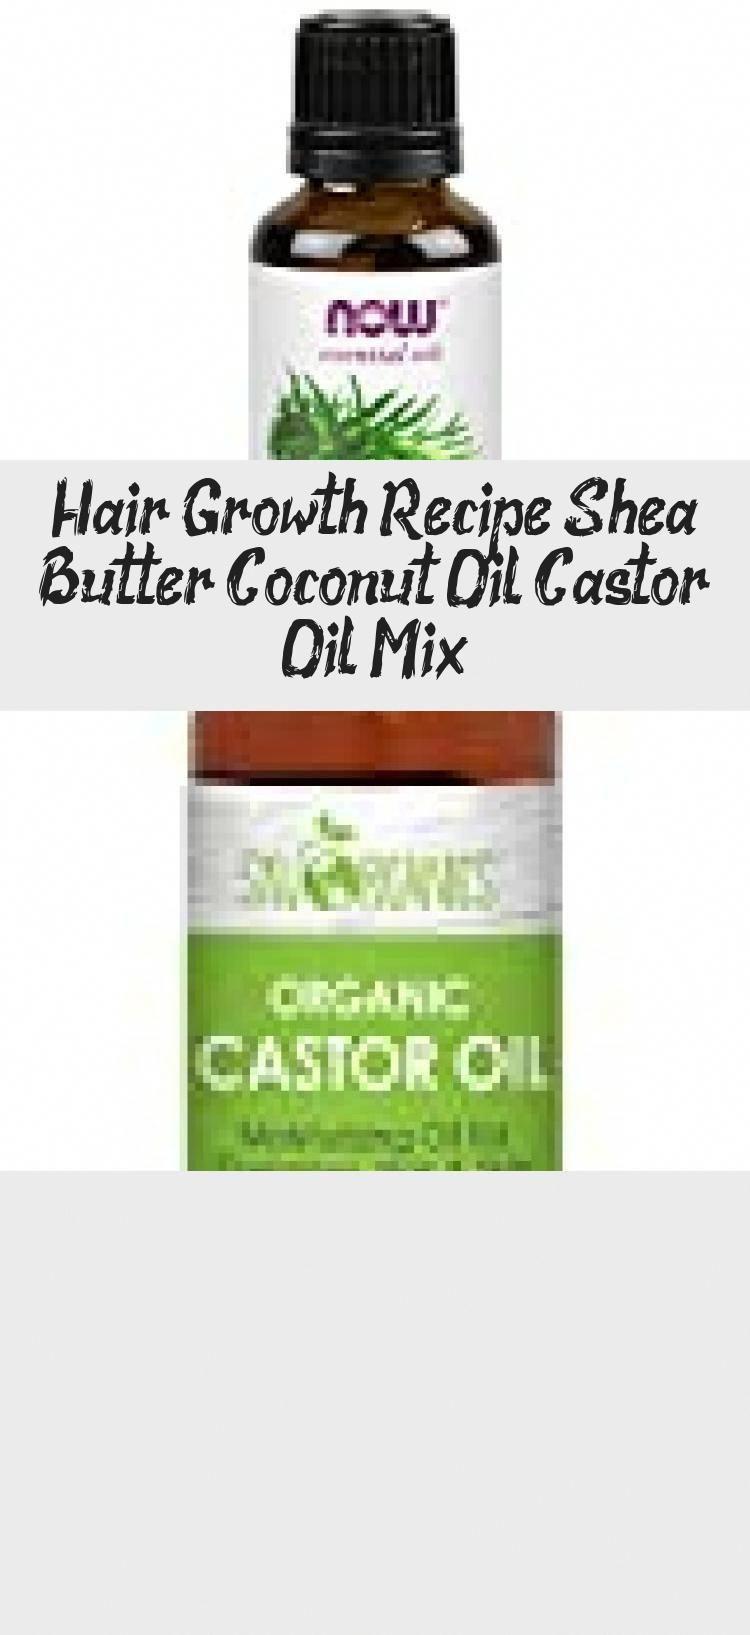 9b92951e4ee9cf966ed269487163fc26 - Is Castor Oil Safe For Vegetable Gardens